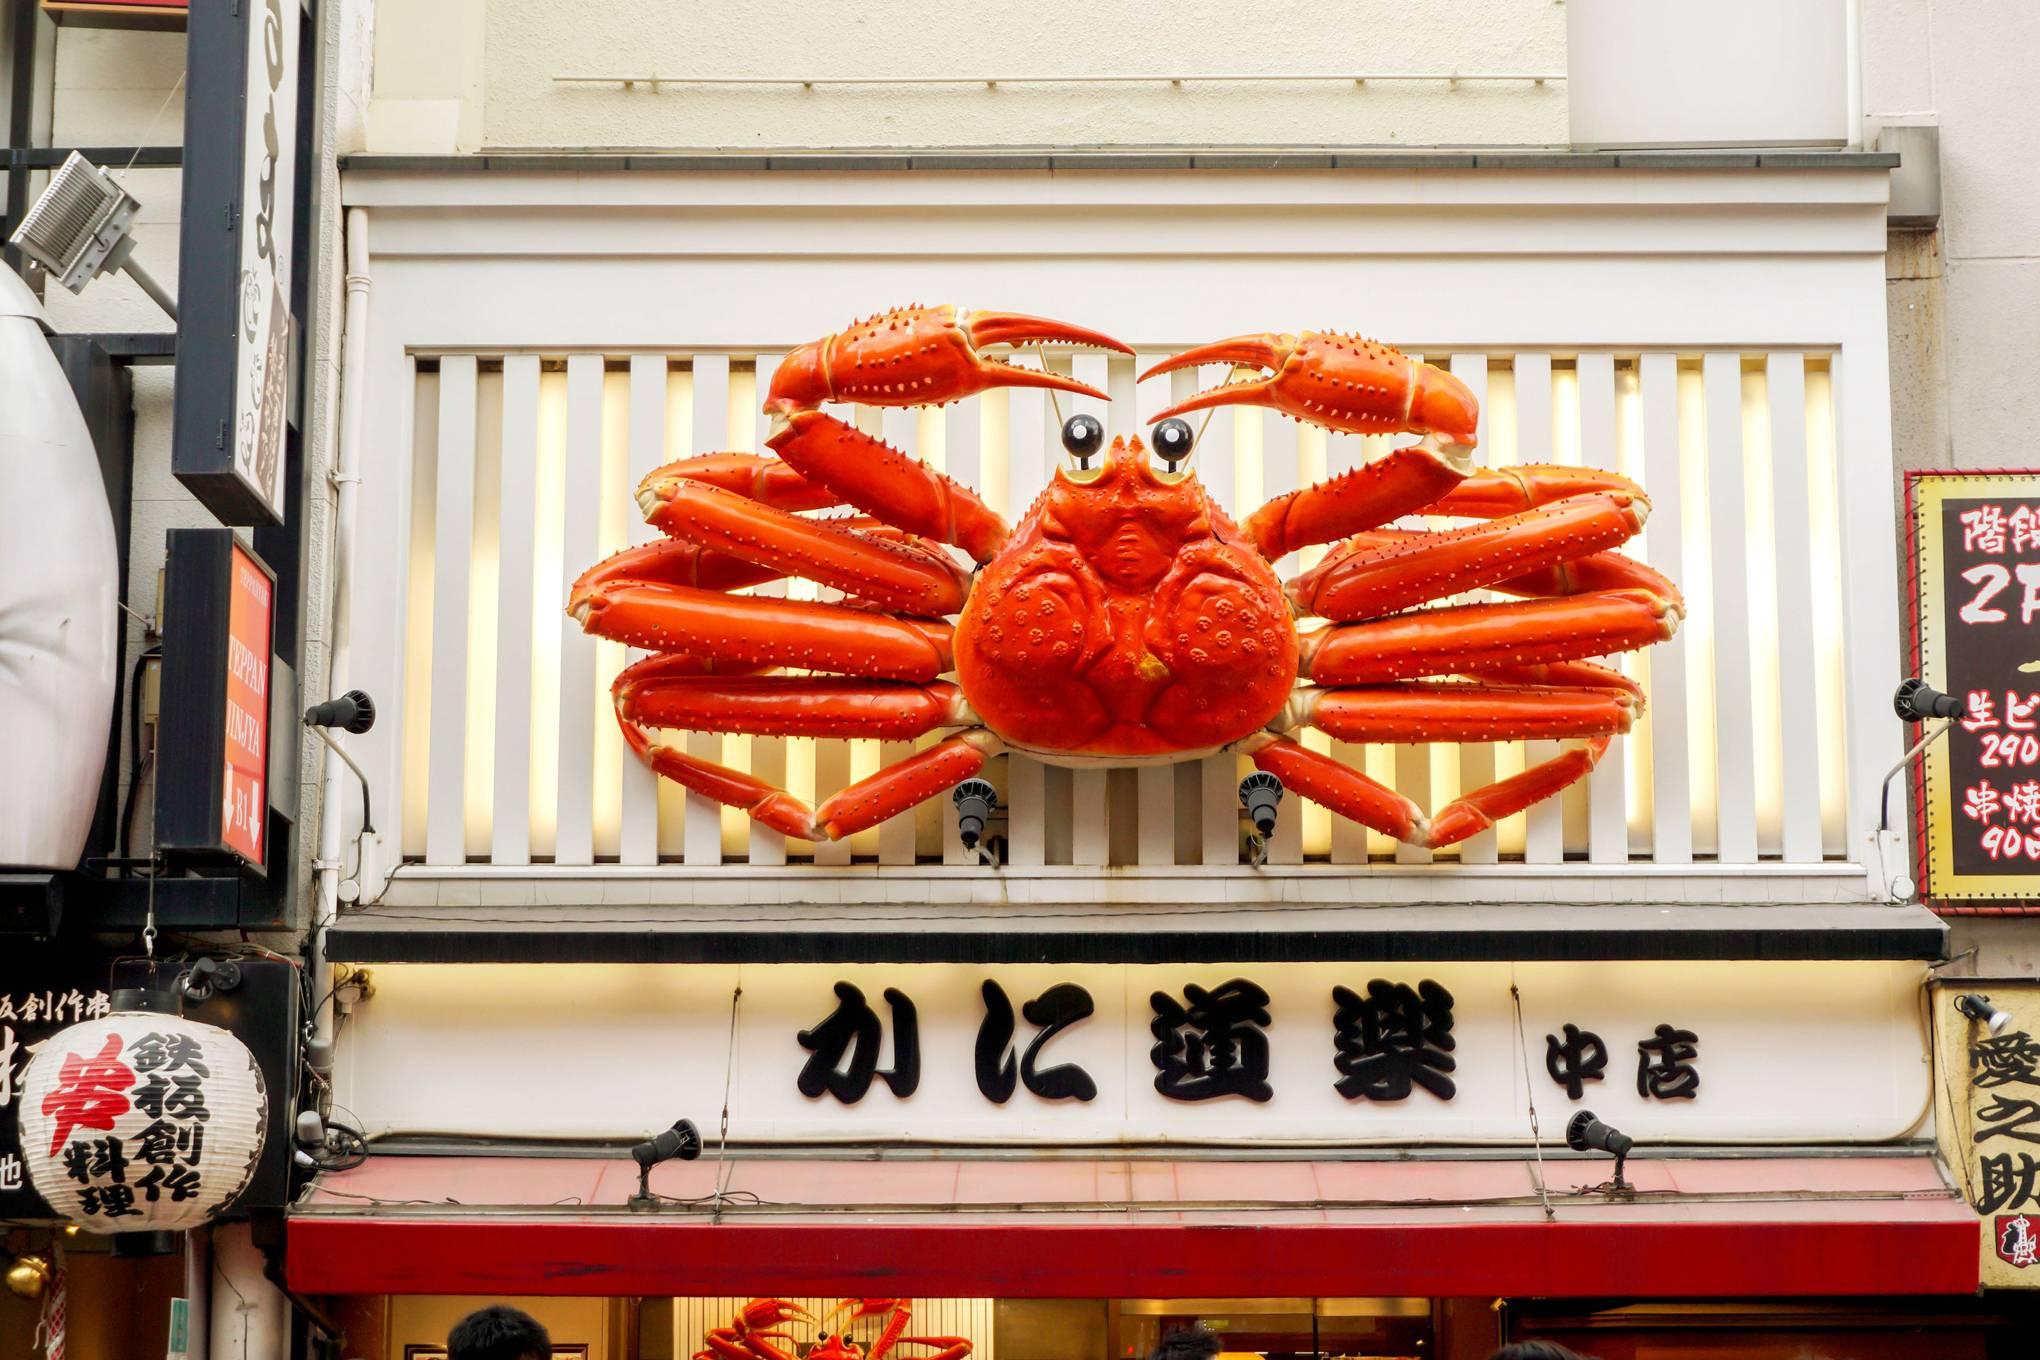 Japan's best street food